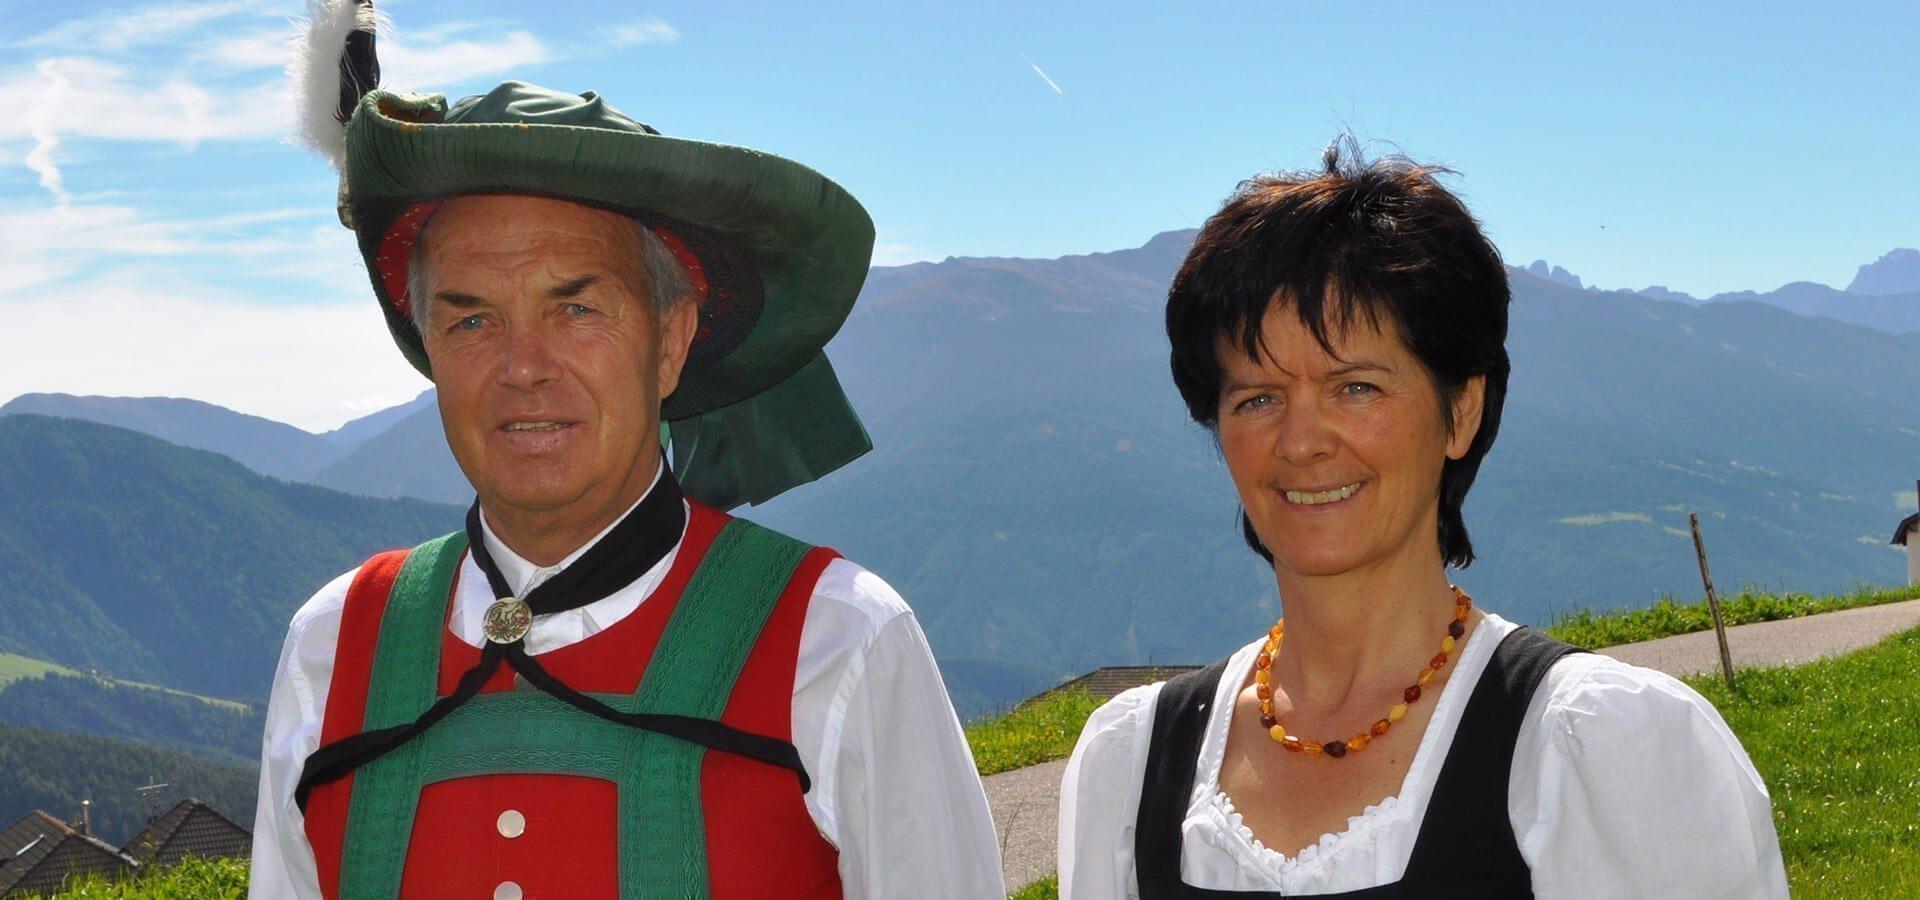 Hosts | Helga & Luis Fischnaller